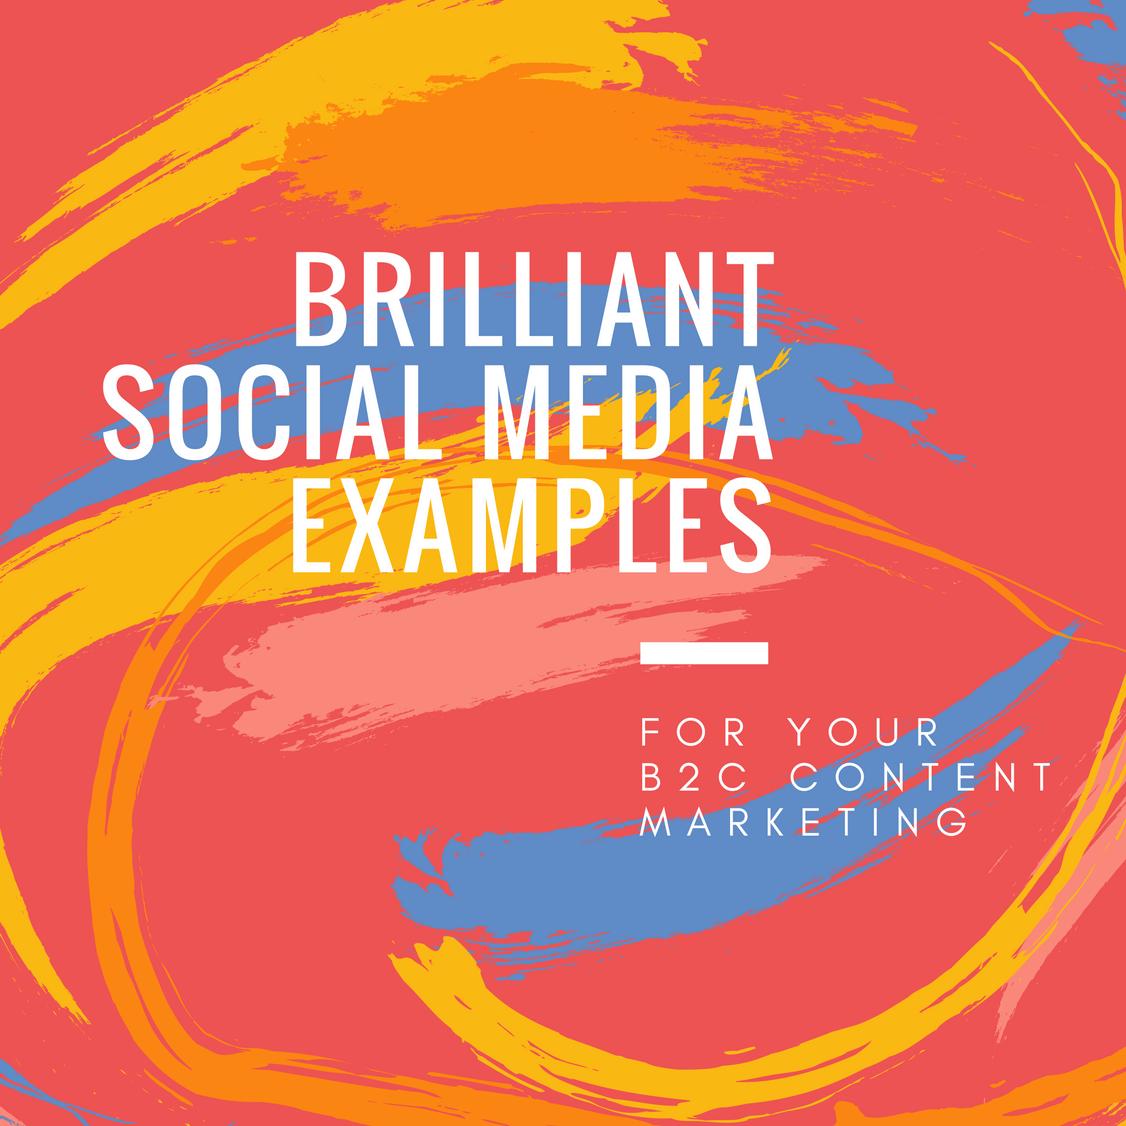 copy-of-social-media-examples-fb-post